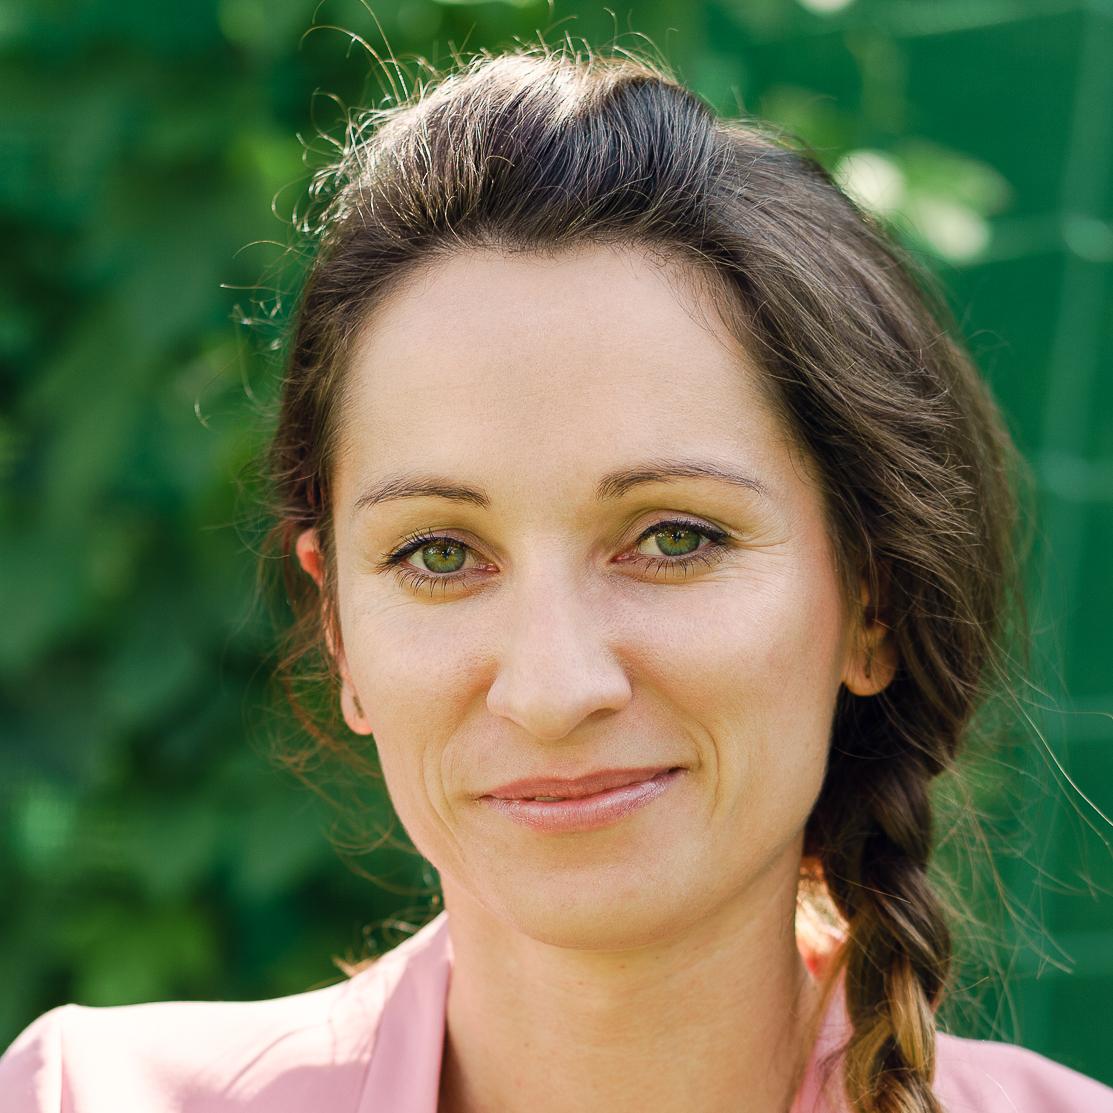 Marlena Wójcik